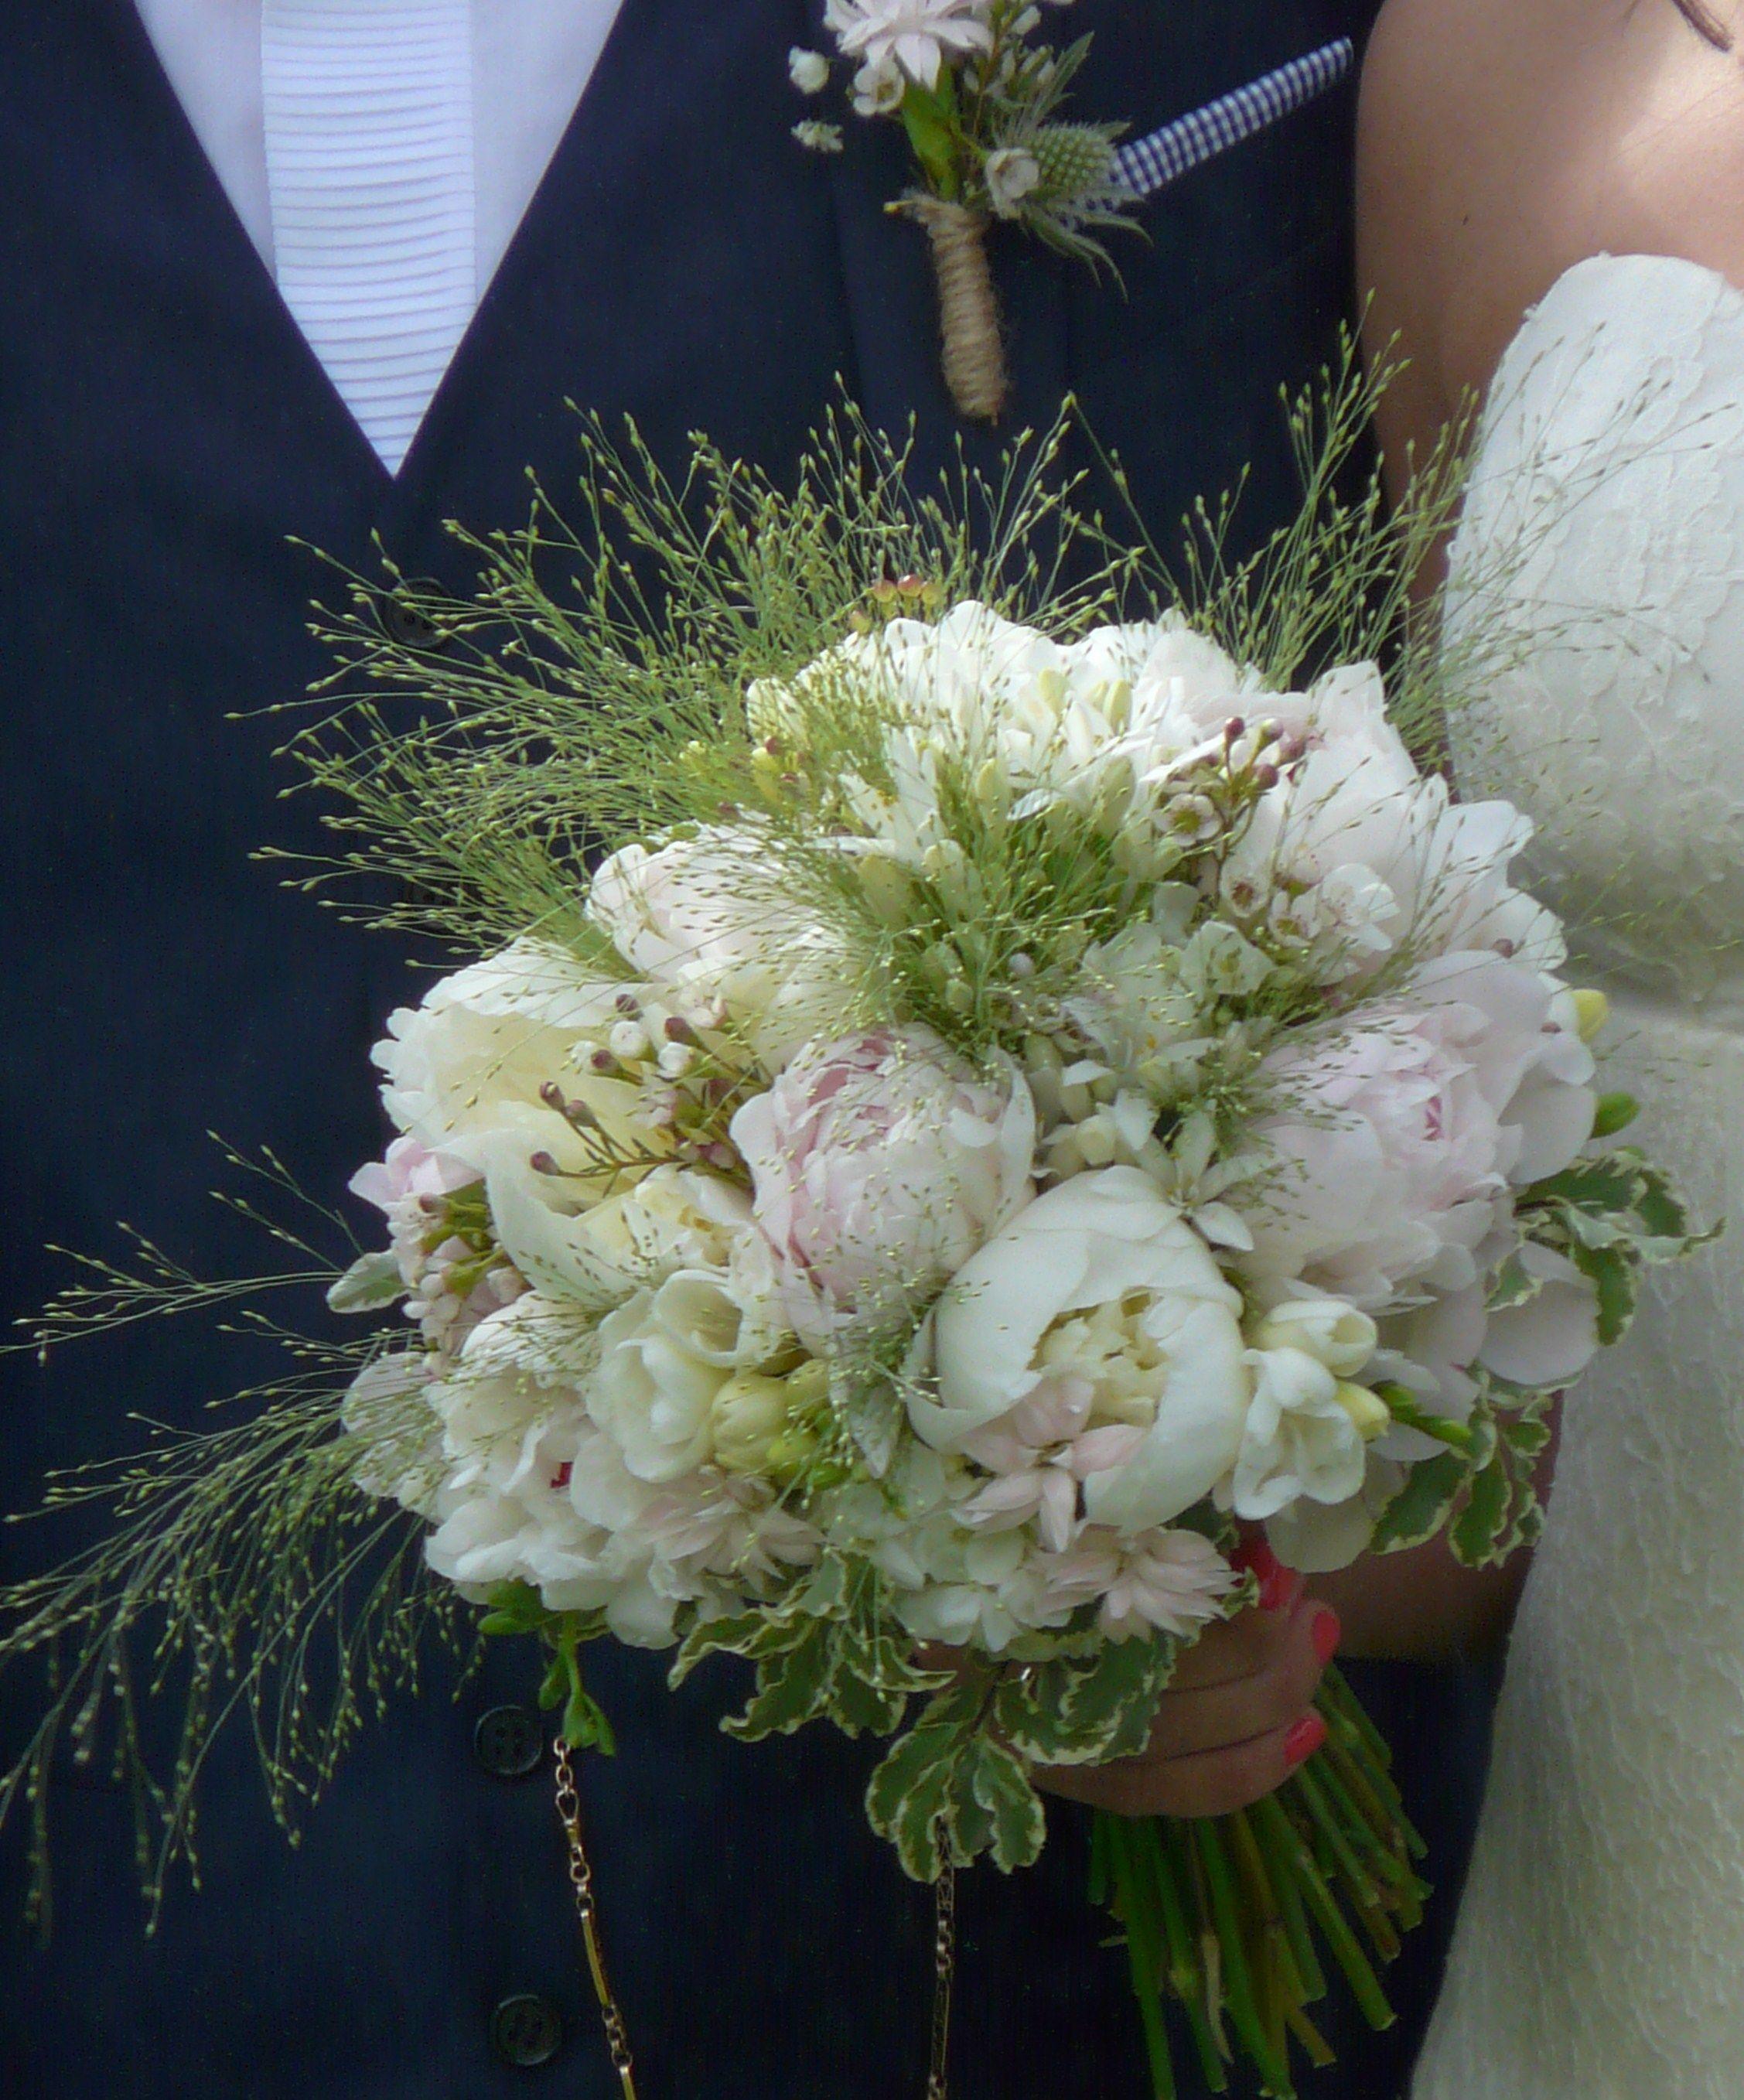 Les Plus Belles Graminées bouquet de mariée, pivoine et fleurettes, graminées